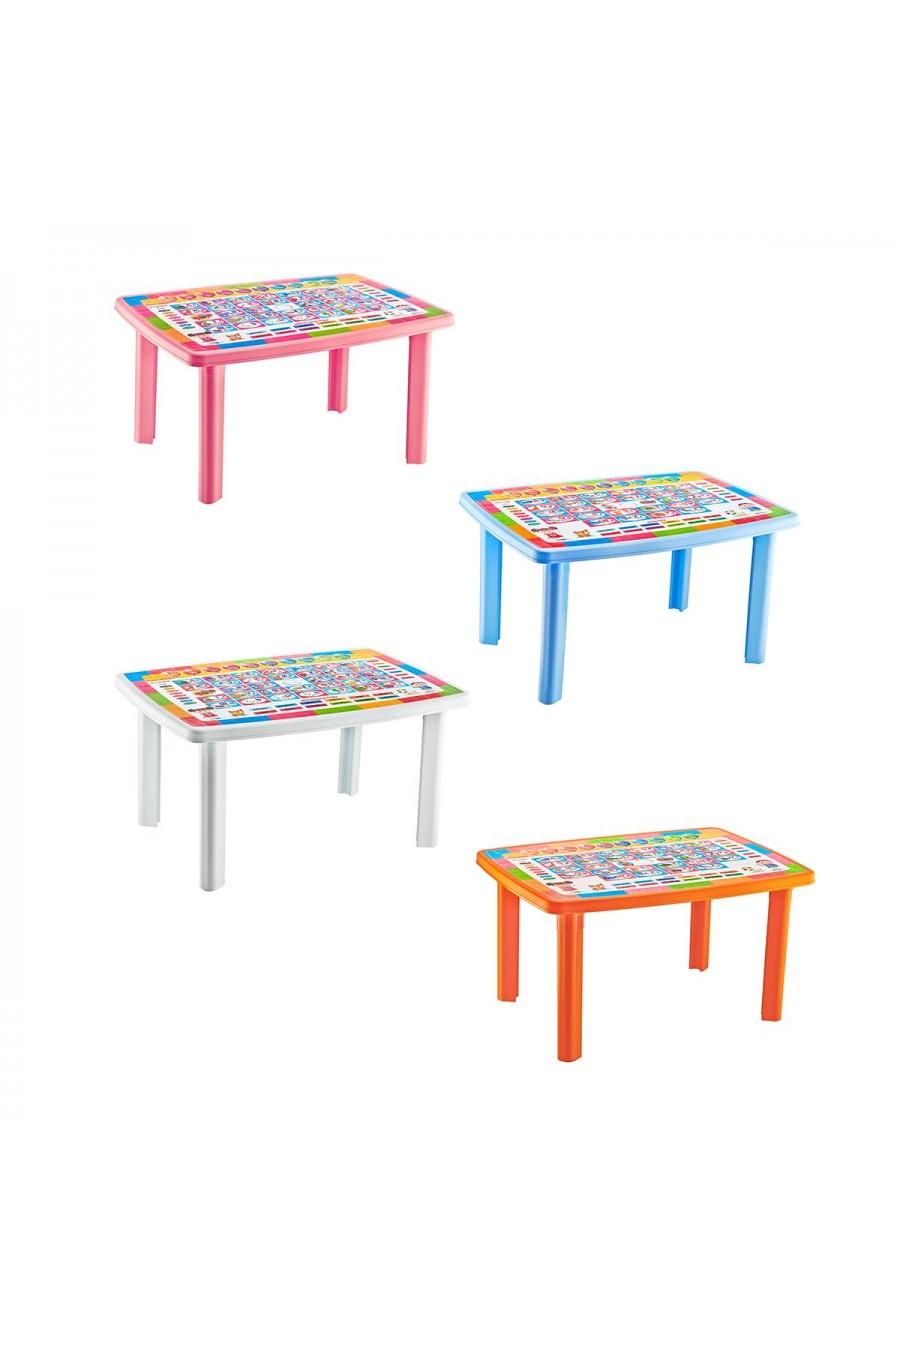 Baby Design Desenli Dikdörtgen Çocuk Masası | 70x100 cm